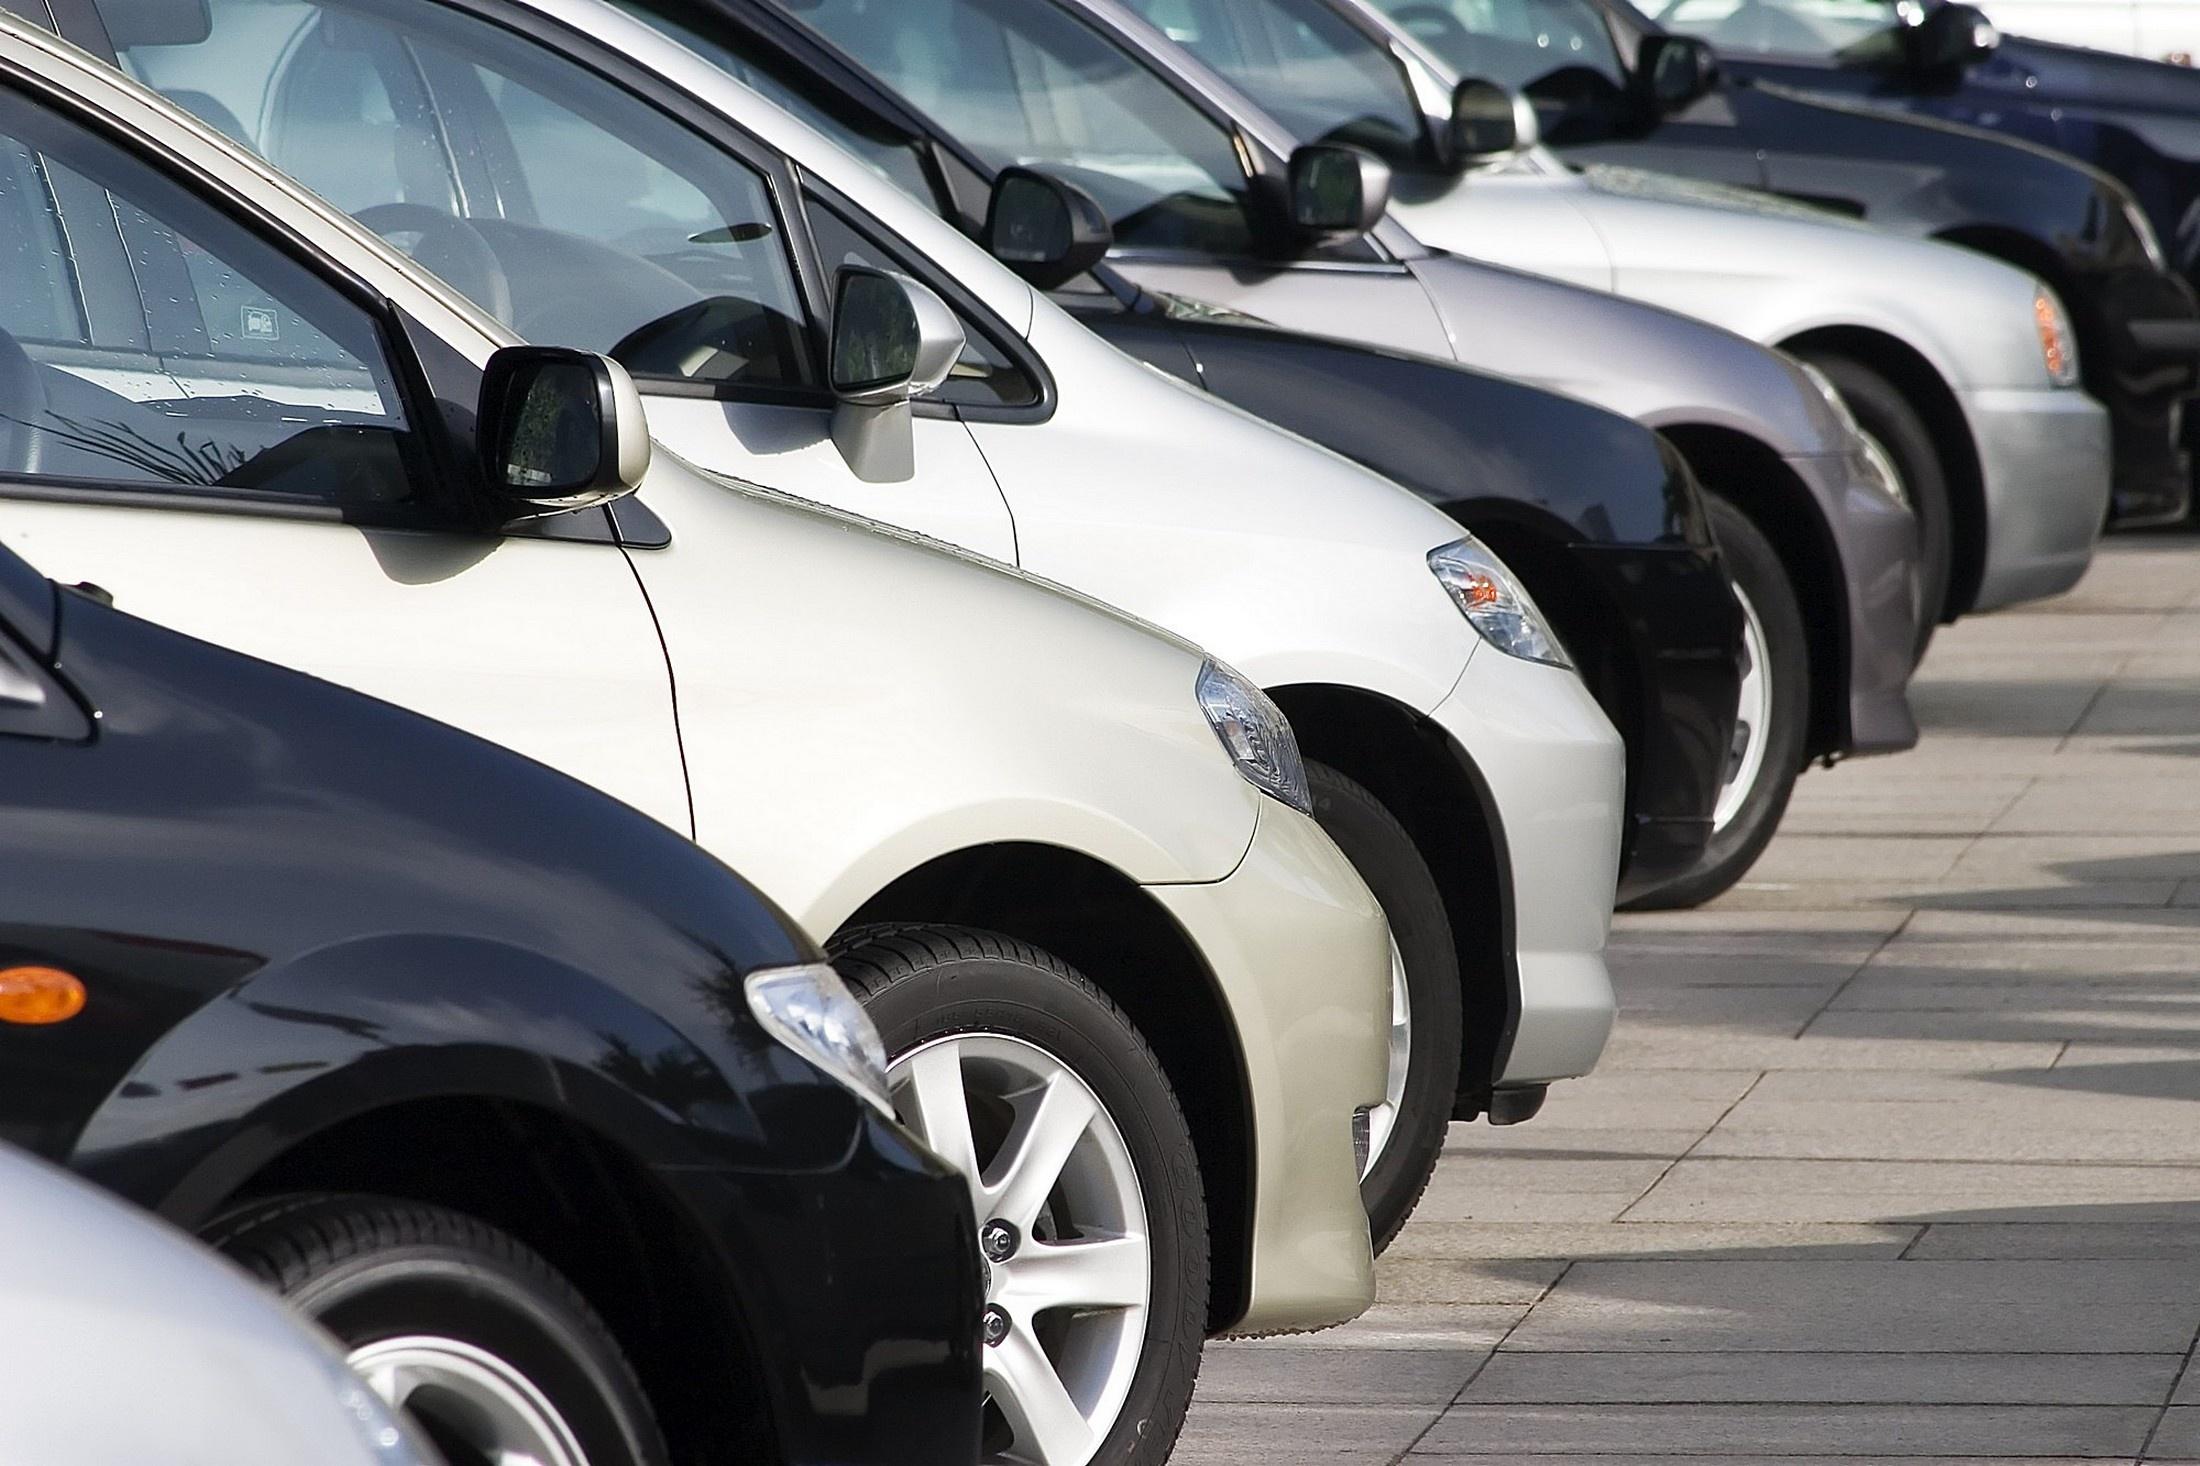 Cidades podem proibir a circulação de carros a gasóleo, decide Tribunal alemão